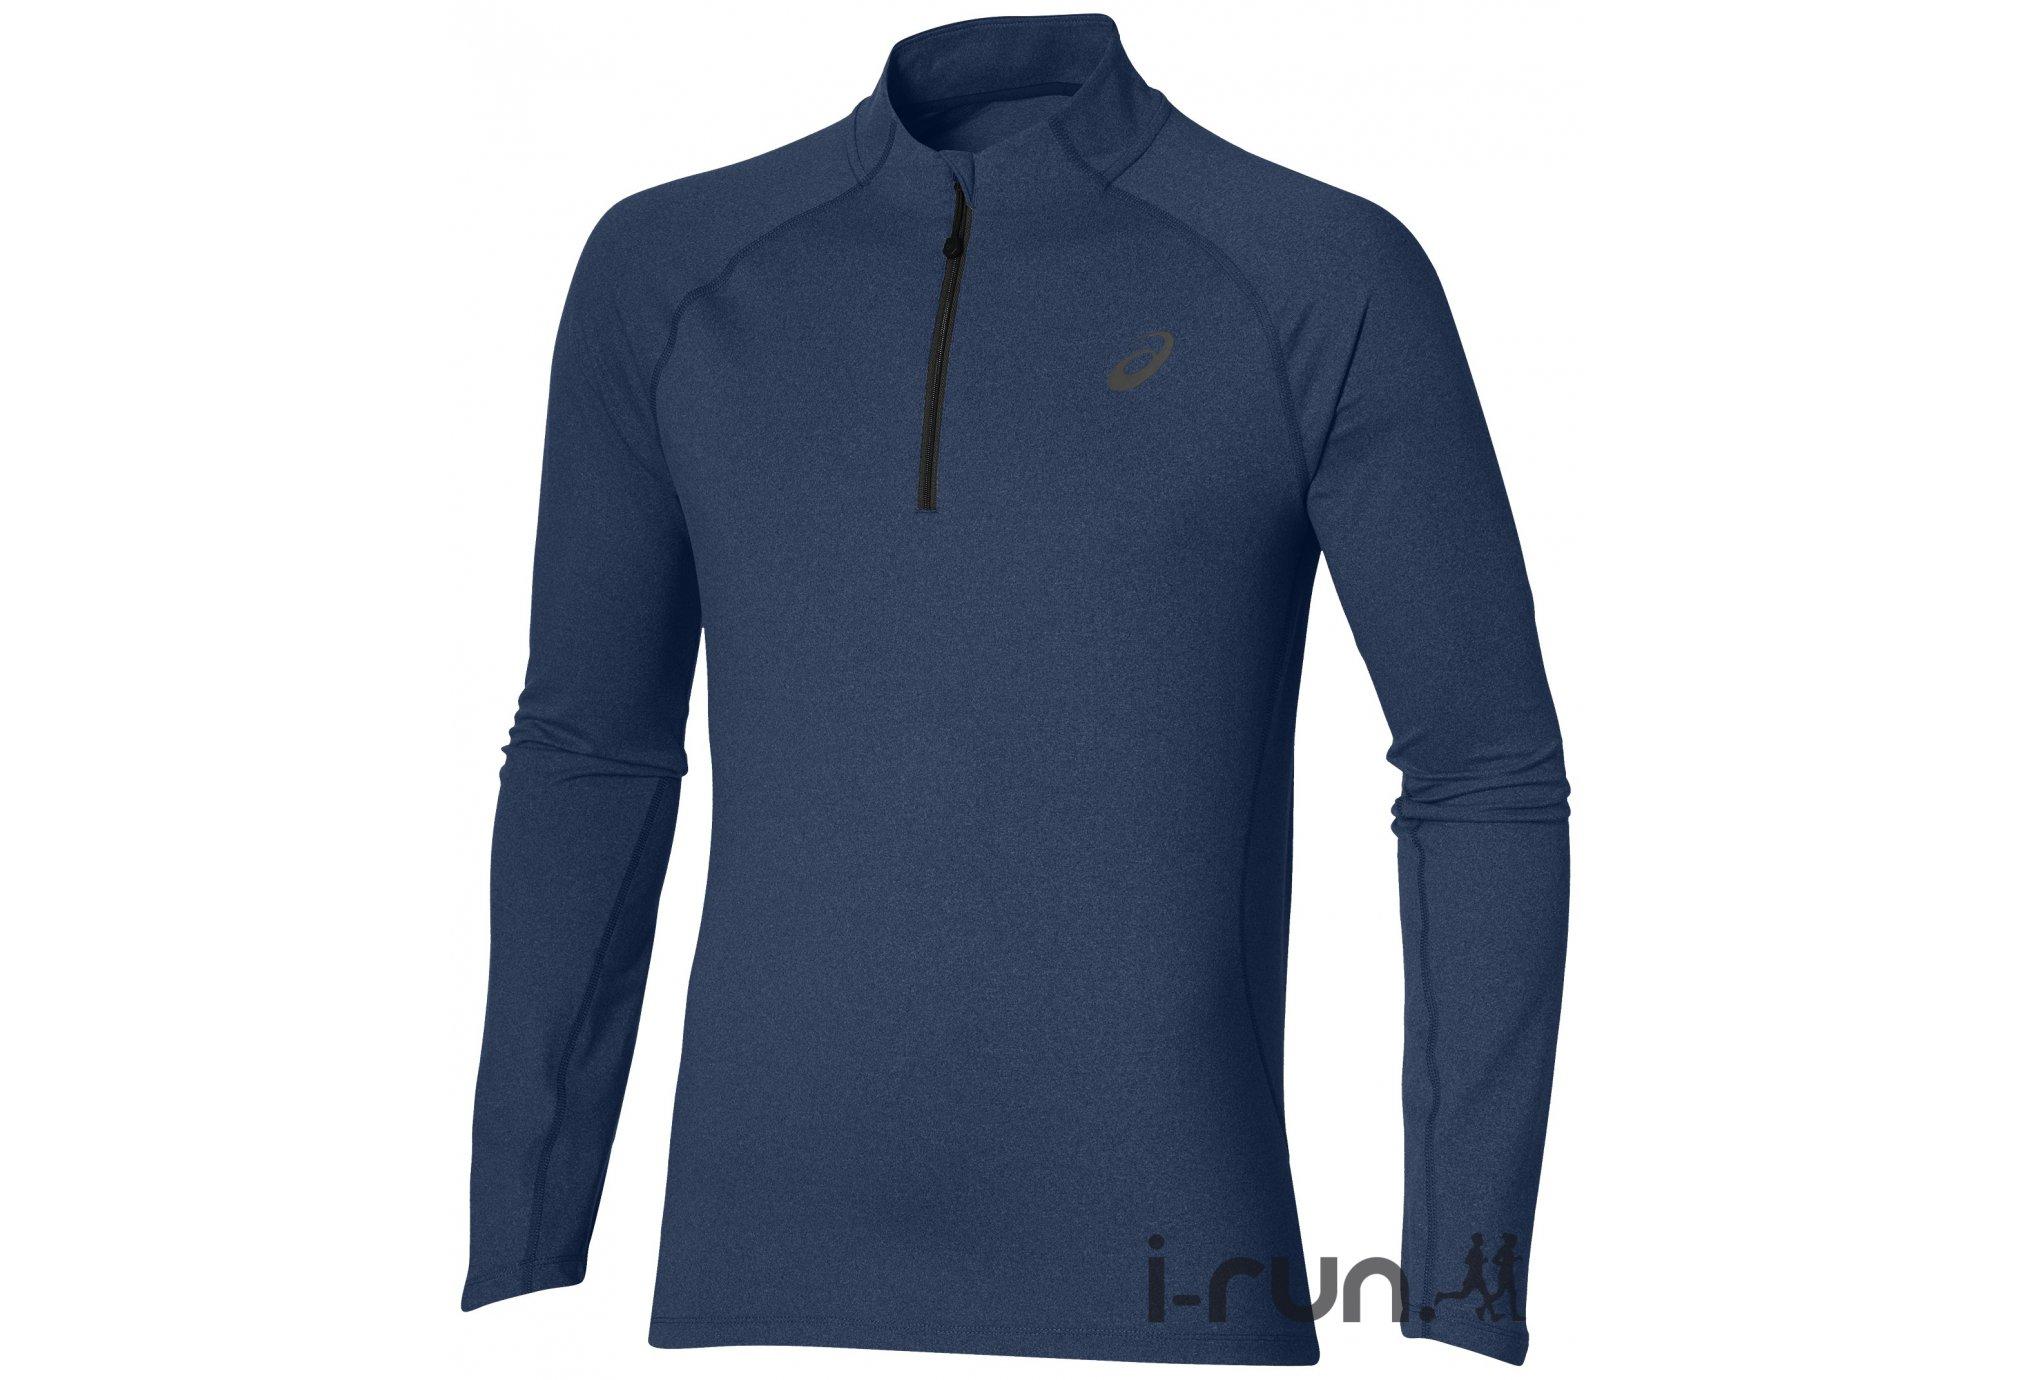 Asics Maillot 1/2 Zip Jersey M vêtement running homme